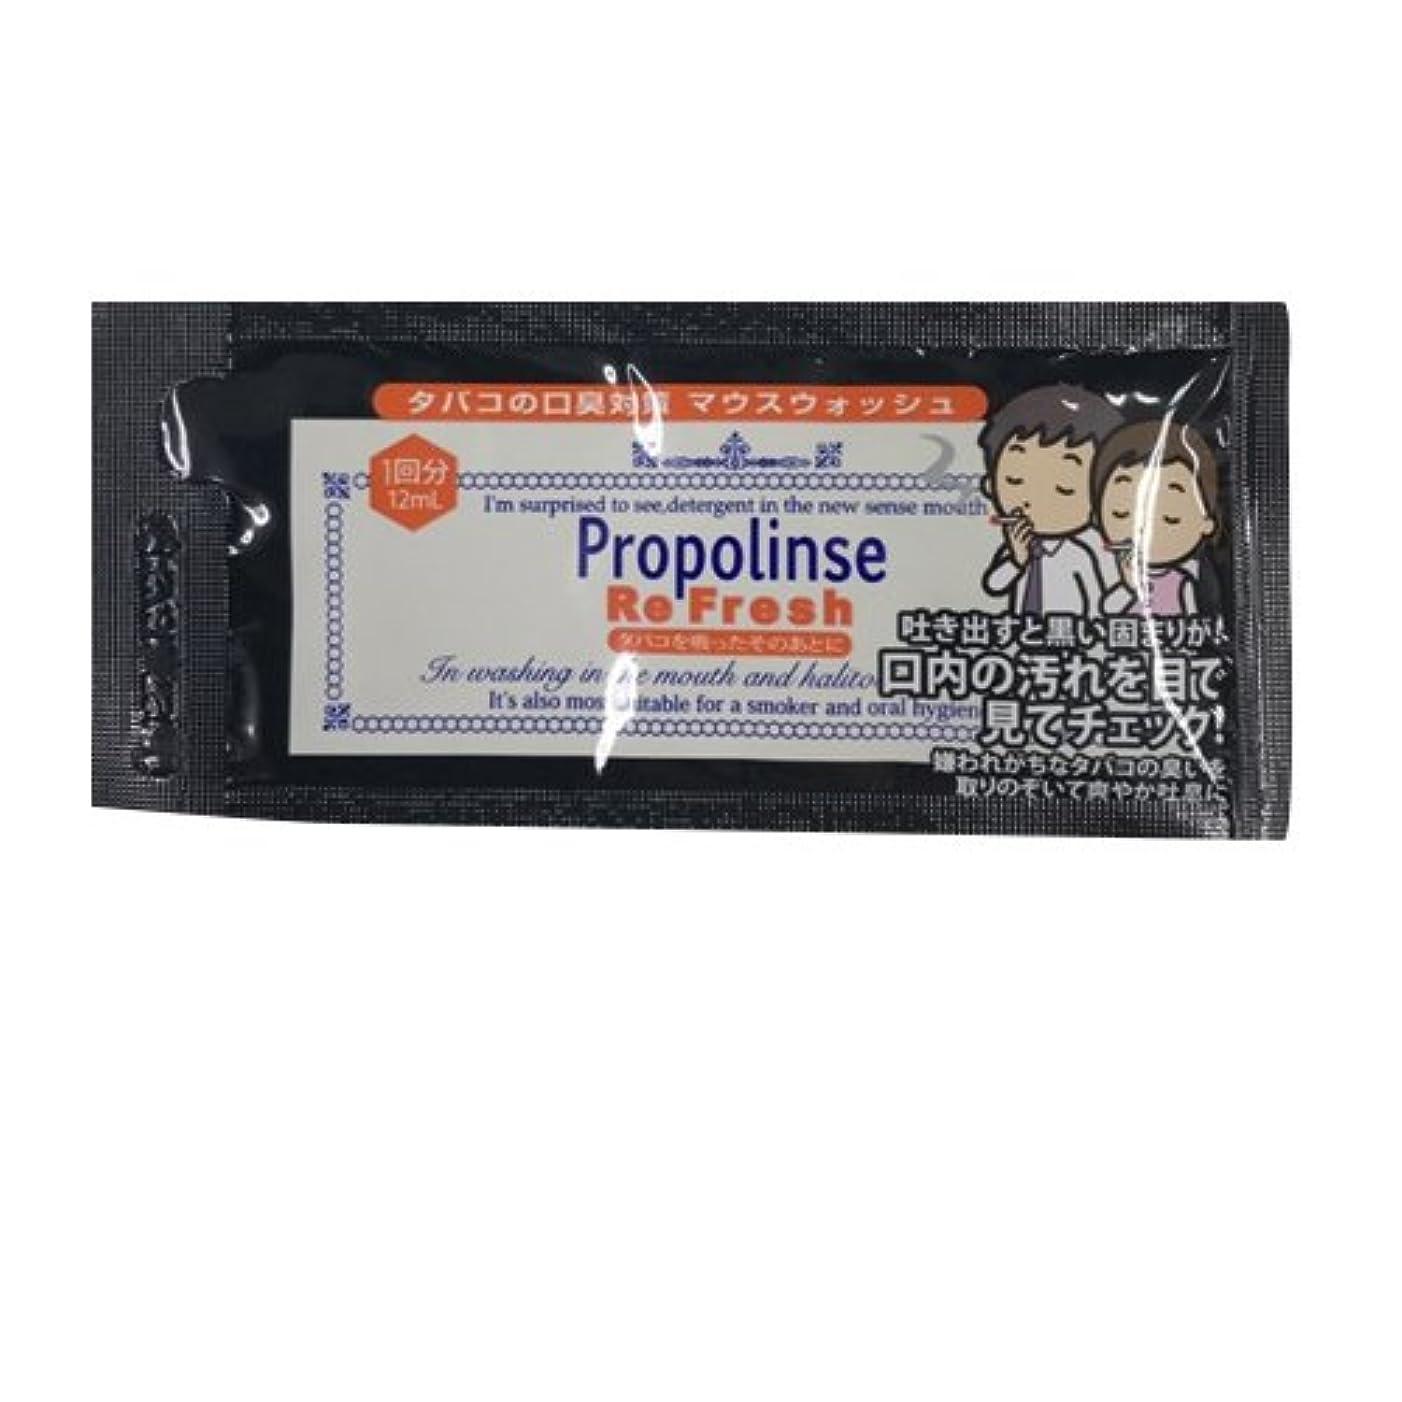 食用九時四十五分対角線プロポリンス ハンディパウチ12ml ×50個 リフレッシュ